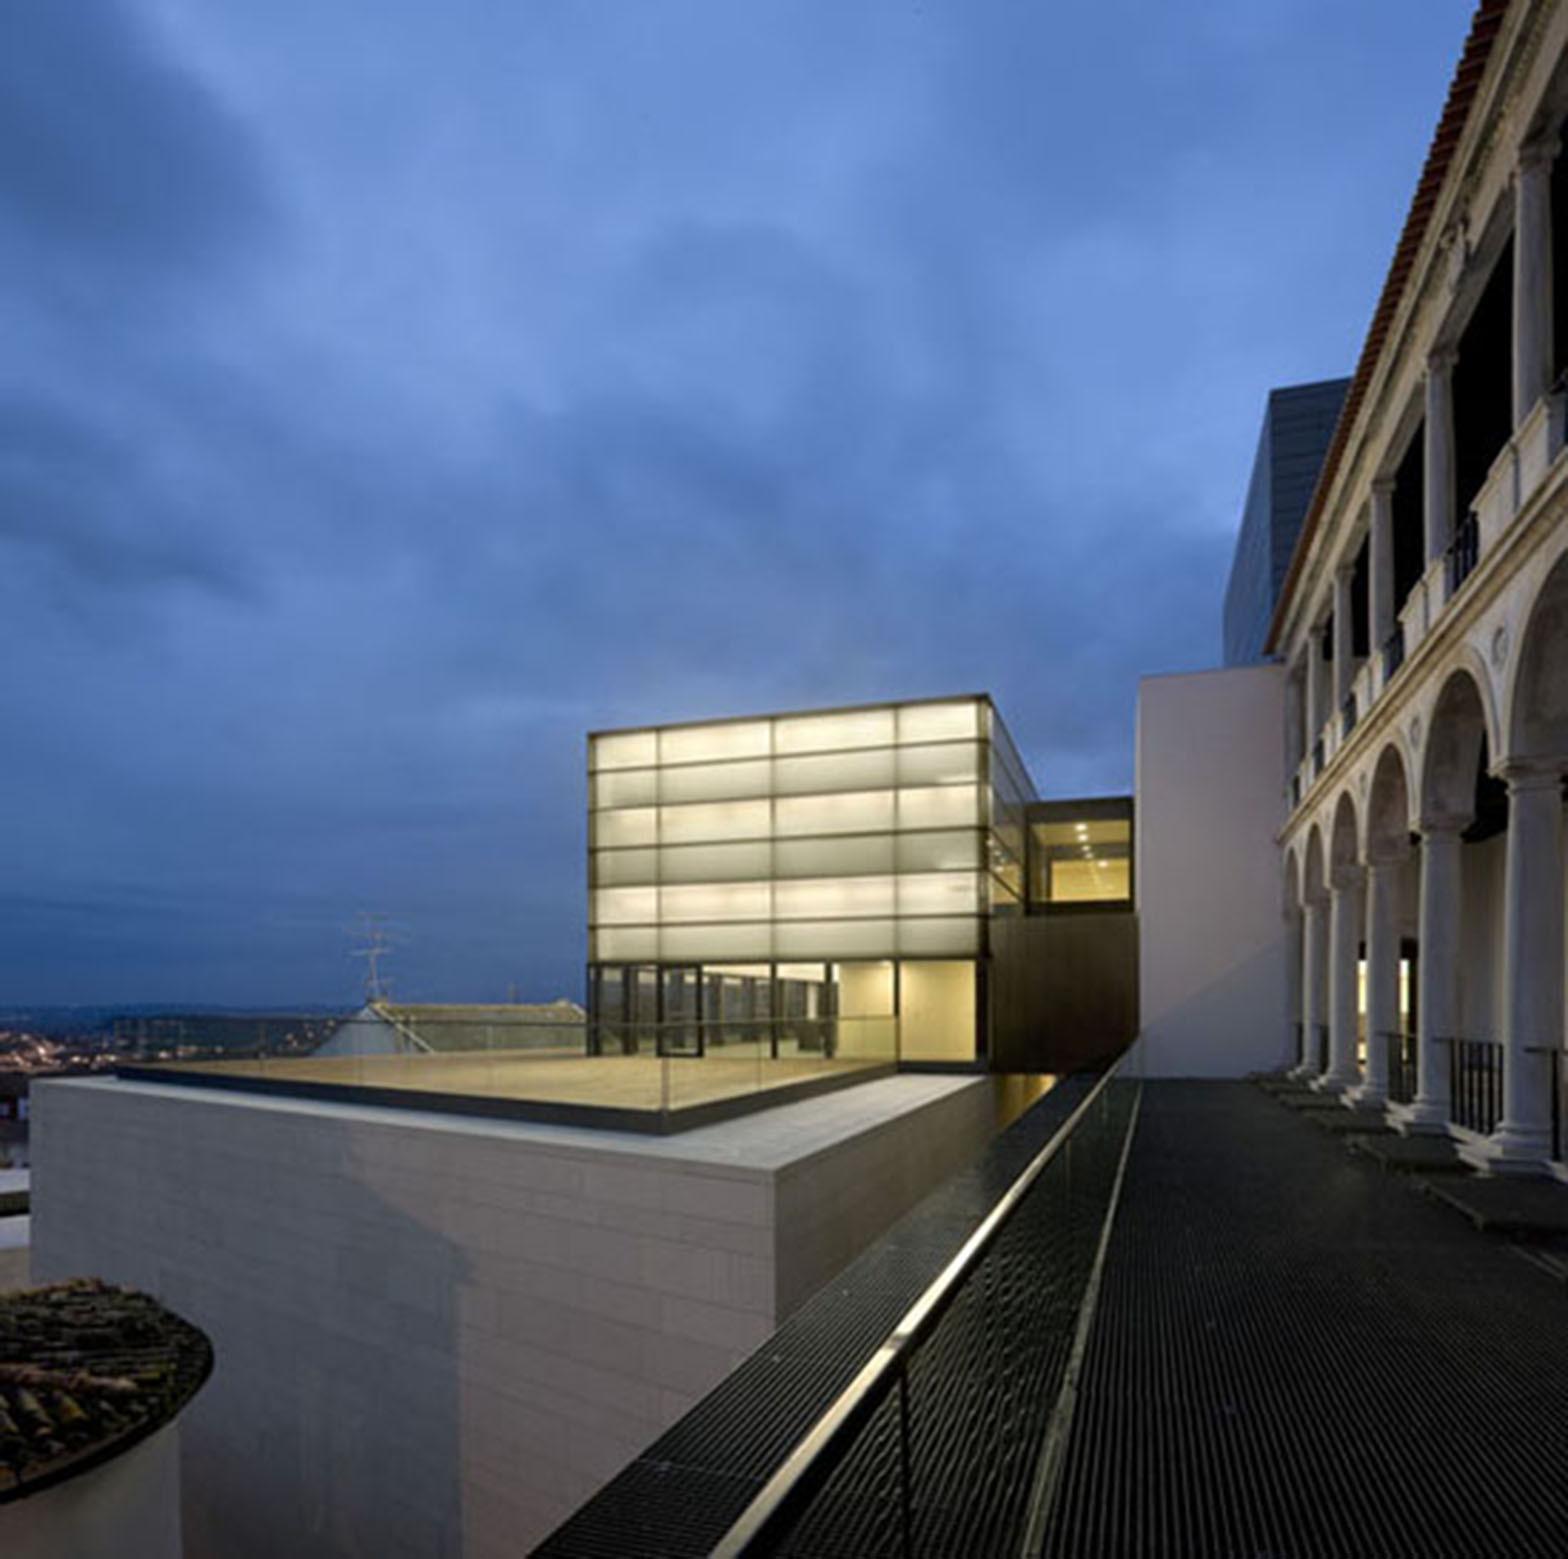 Machado de Castro National Museum Refurbishment / Gonçalo Byrne Arquitectos, © Duccio Malagamba